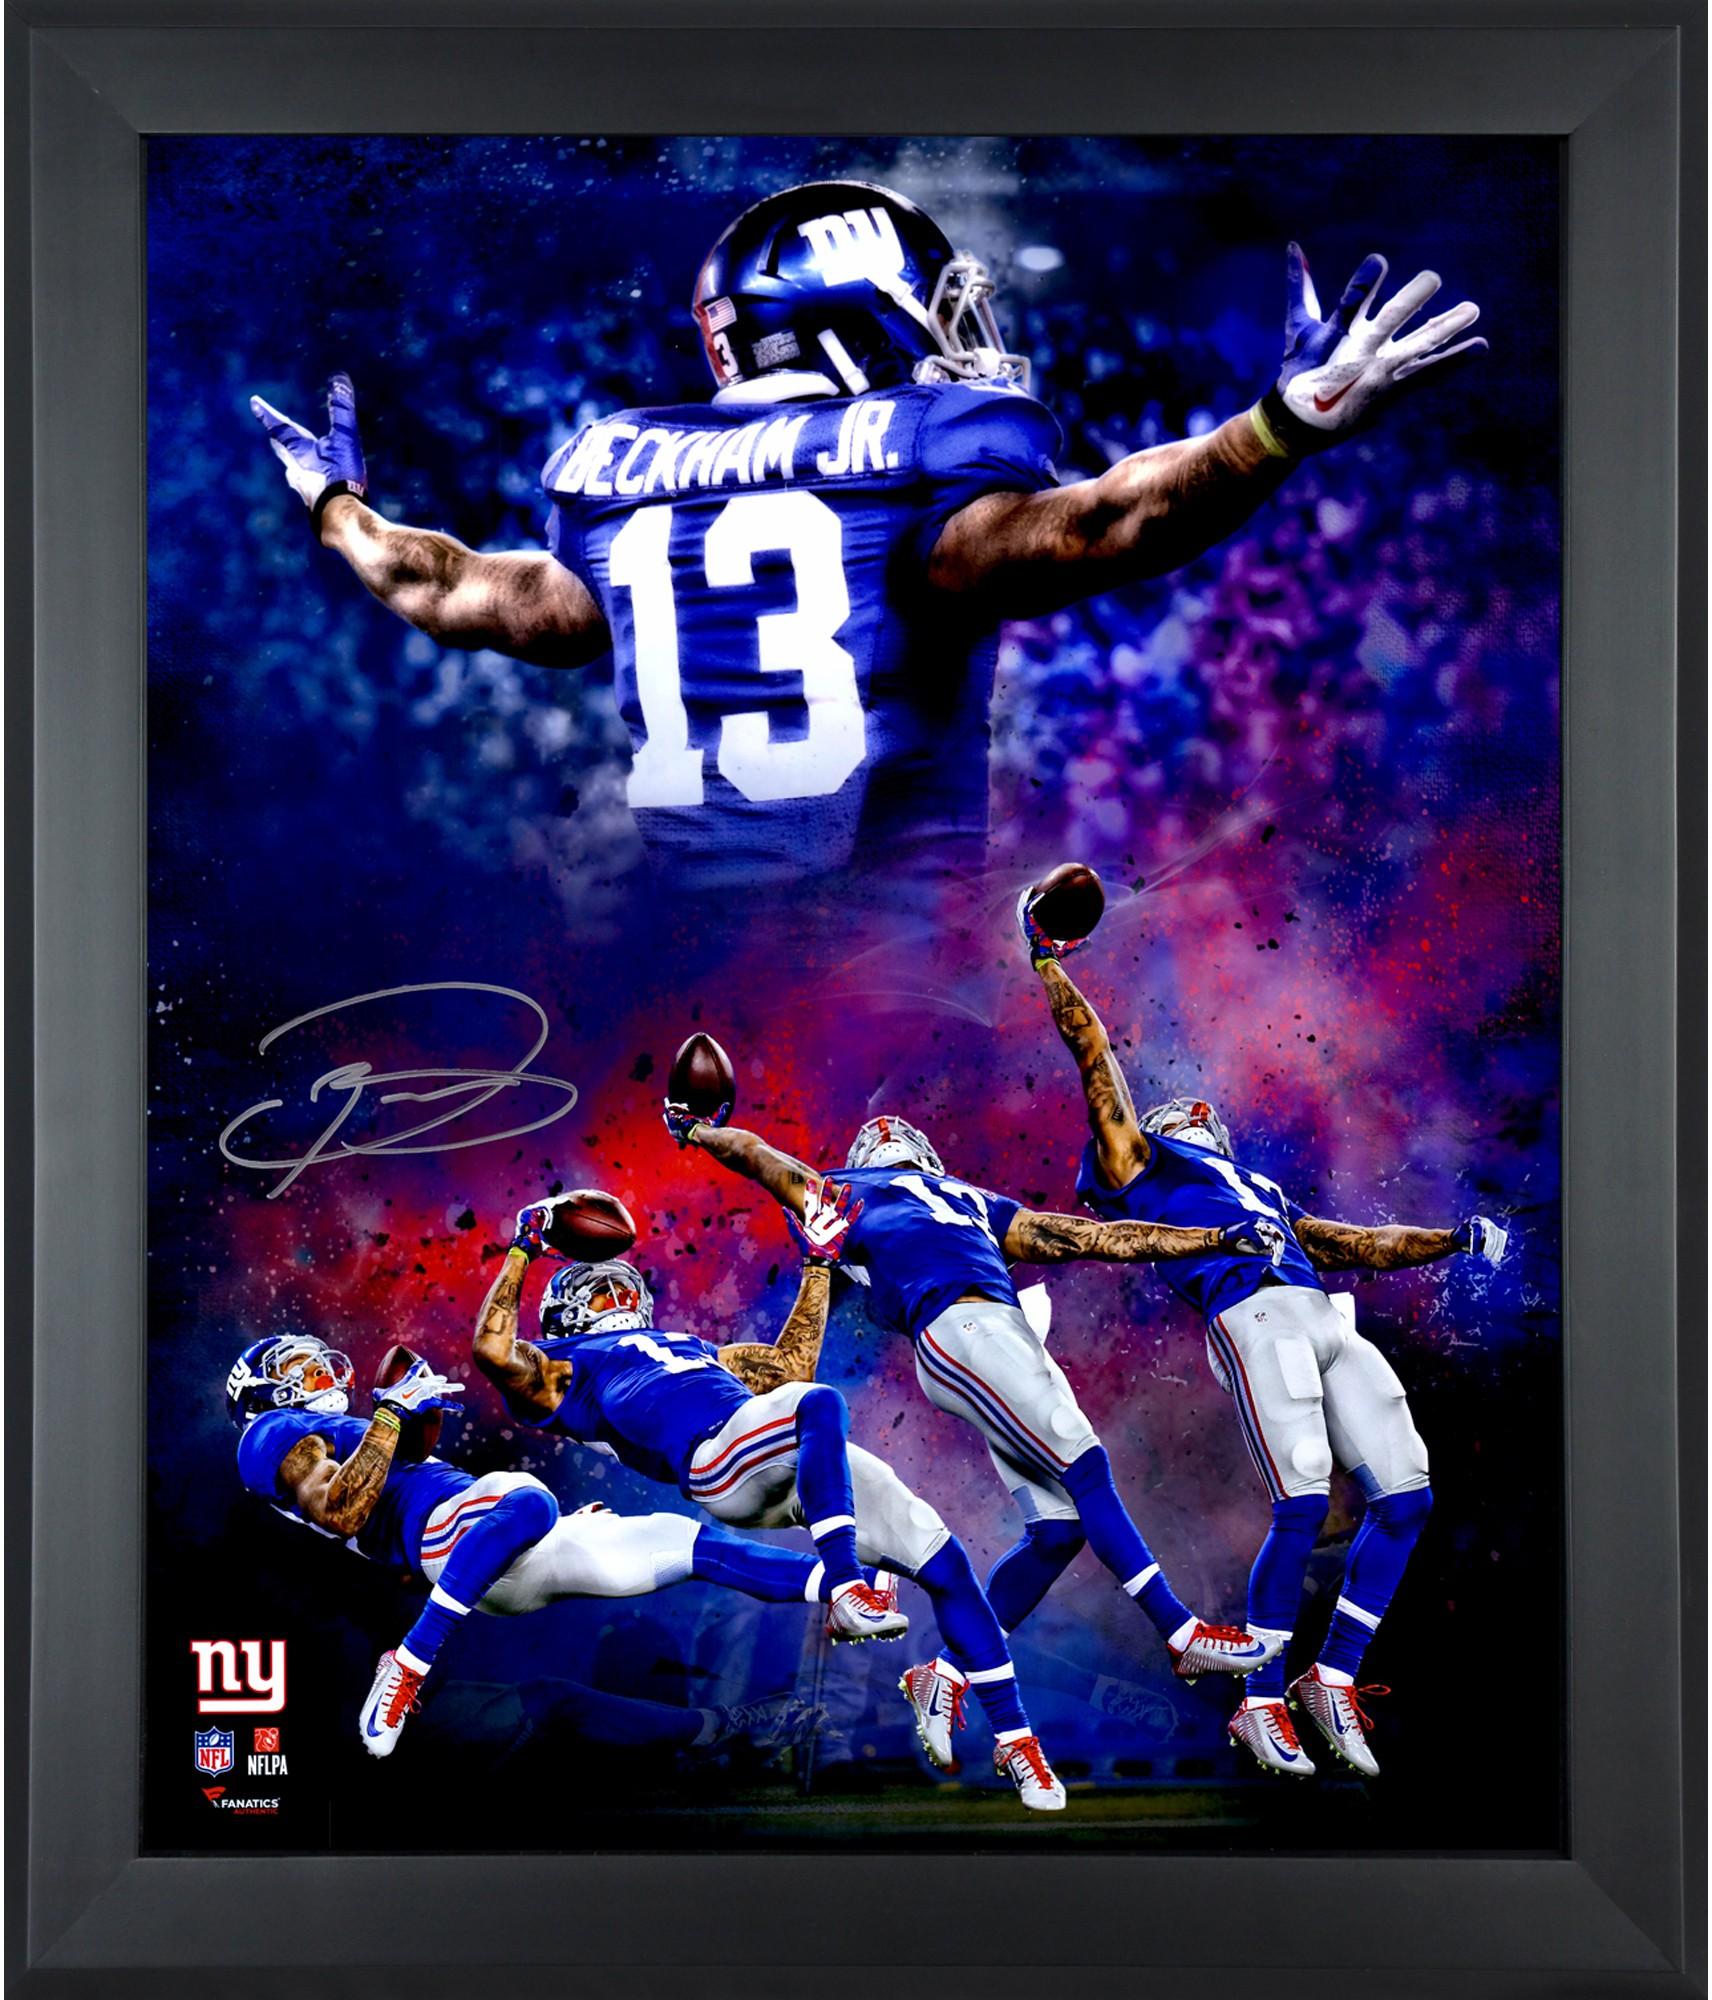 Odell Beckham Jr Wallpaper Hd: Odell Beckham Wallpaper ·① Download Free Full HD